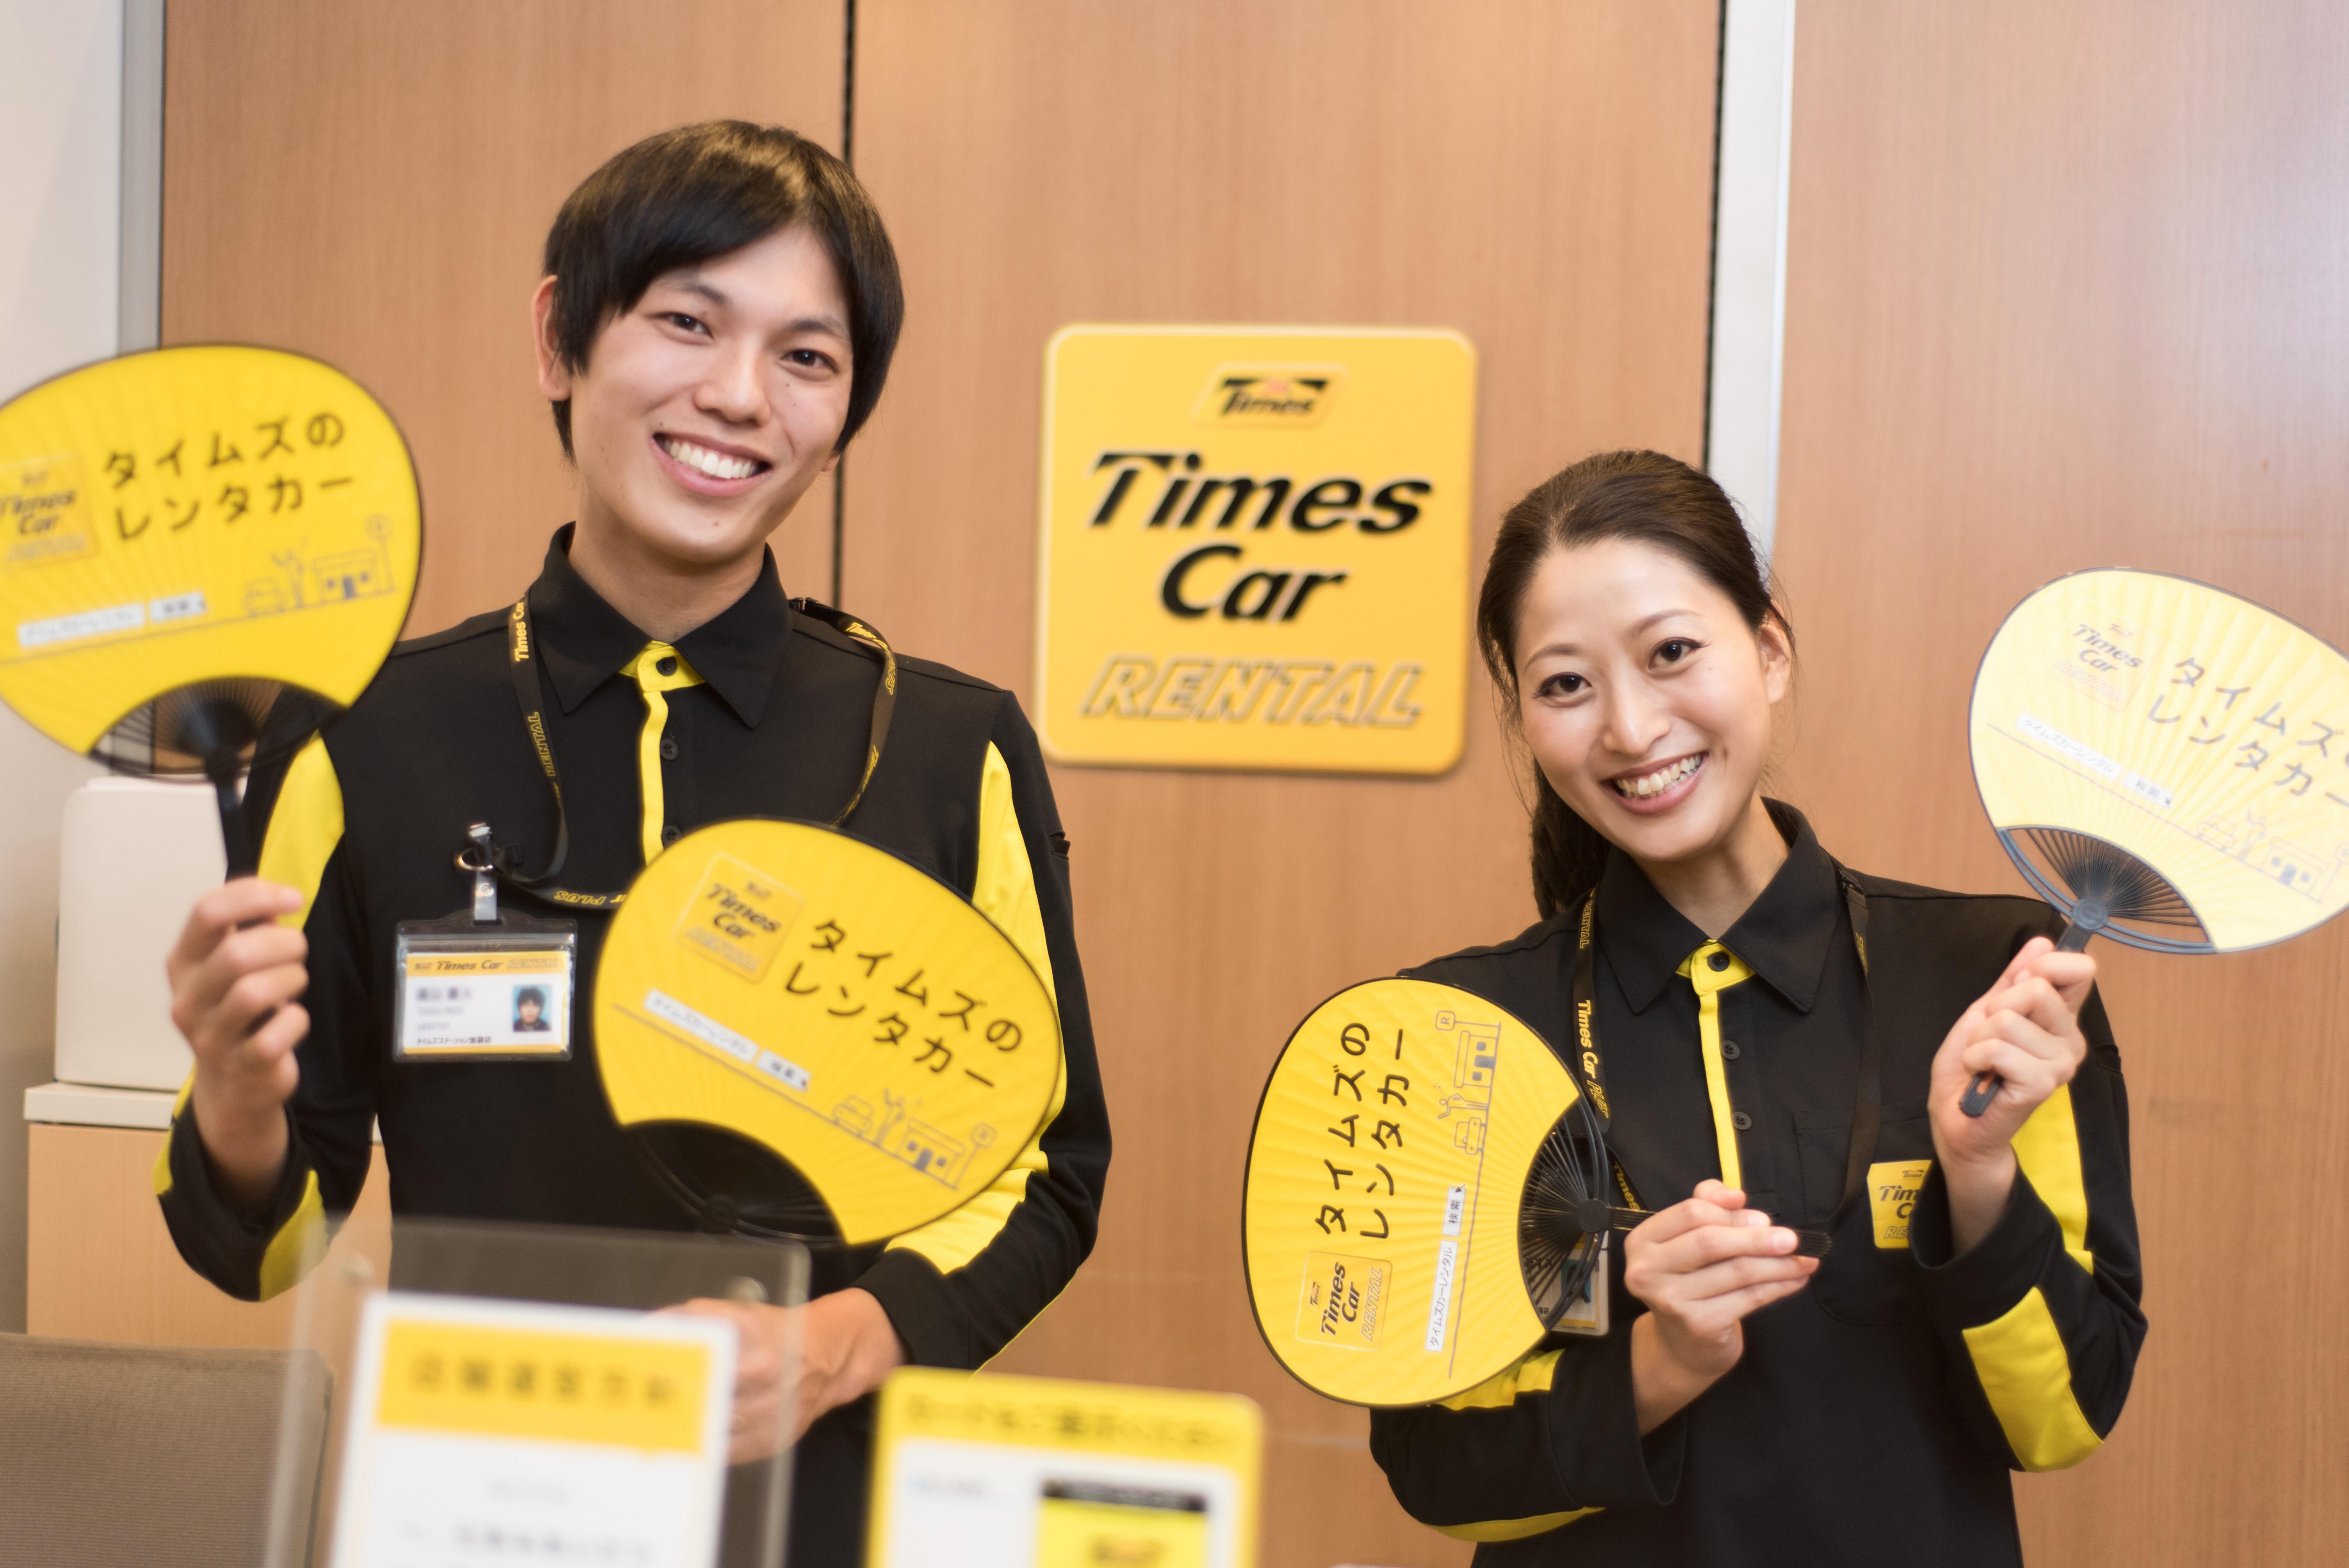 タイムズカーレンタル 藤枝店 のアルバイト情報